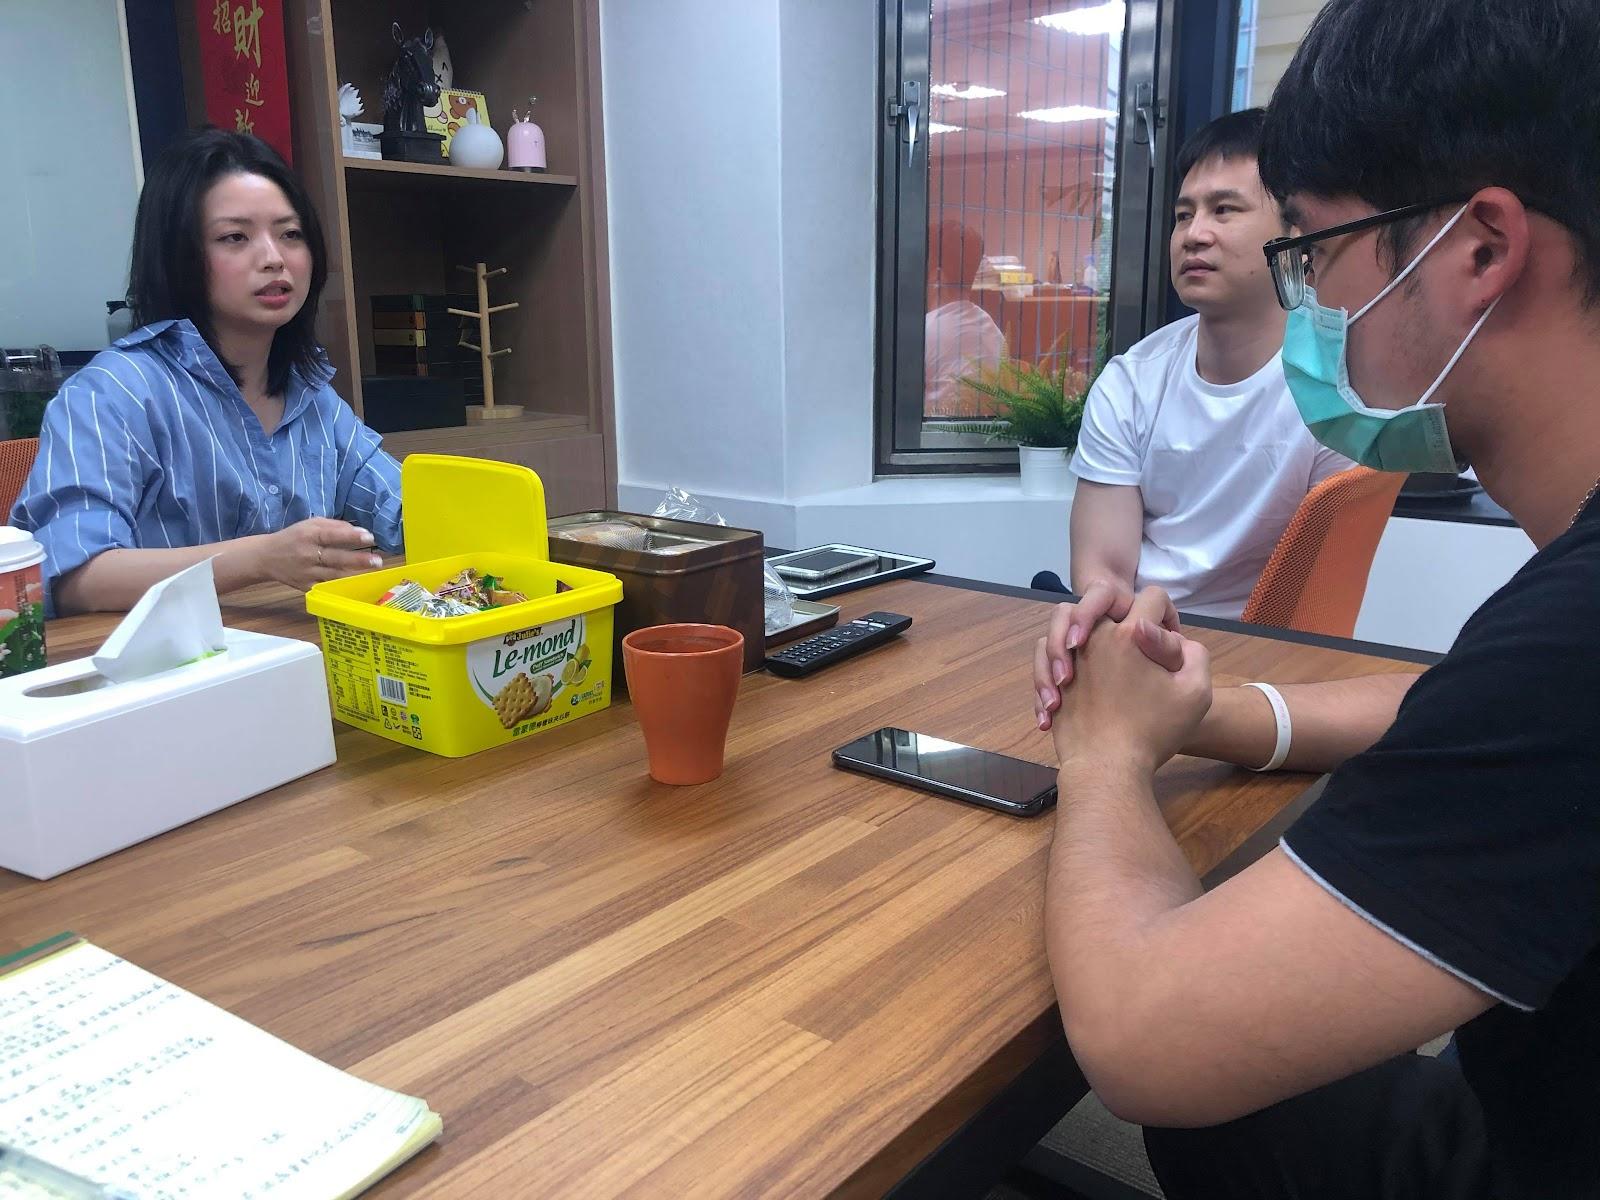 火花/保卫马克思主义网站采访了郭芷嫣。 //图片来源:蔡大荣